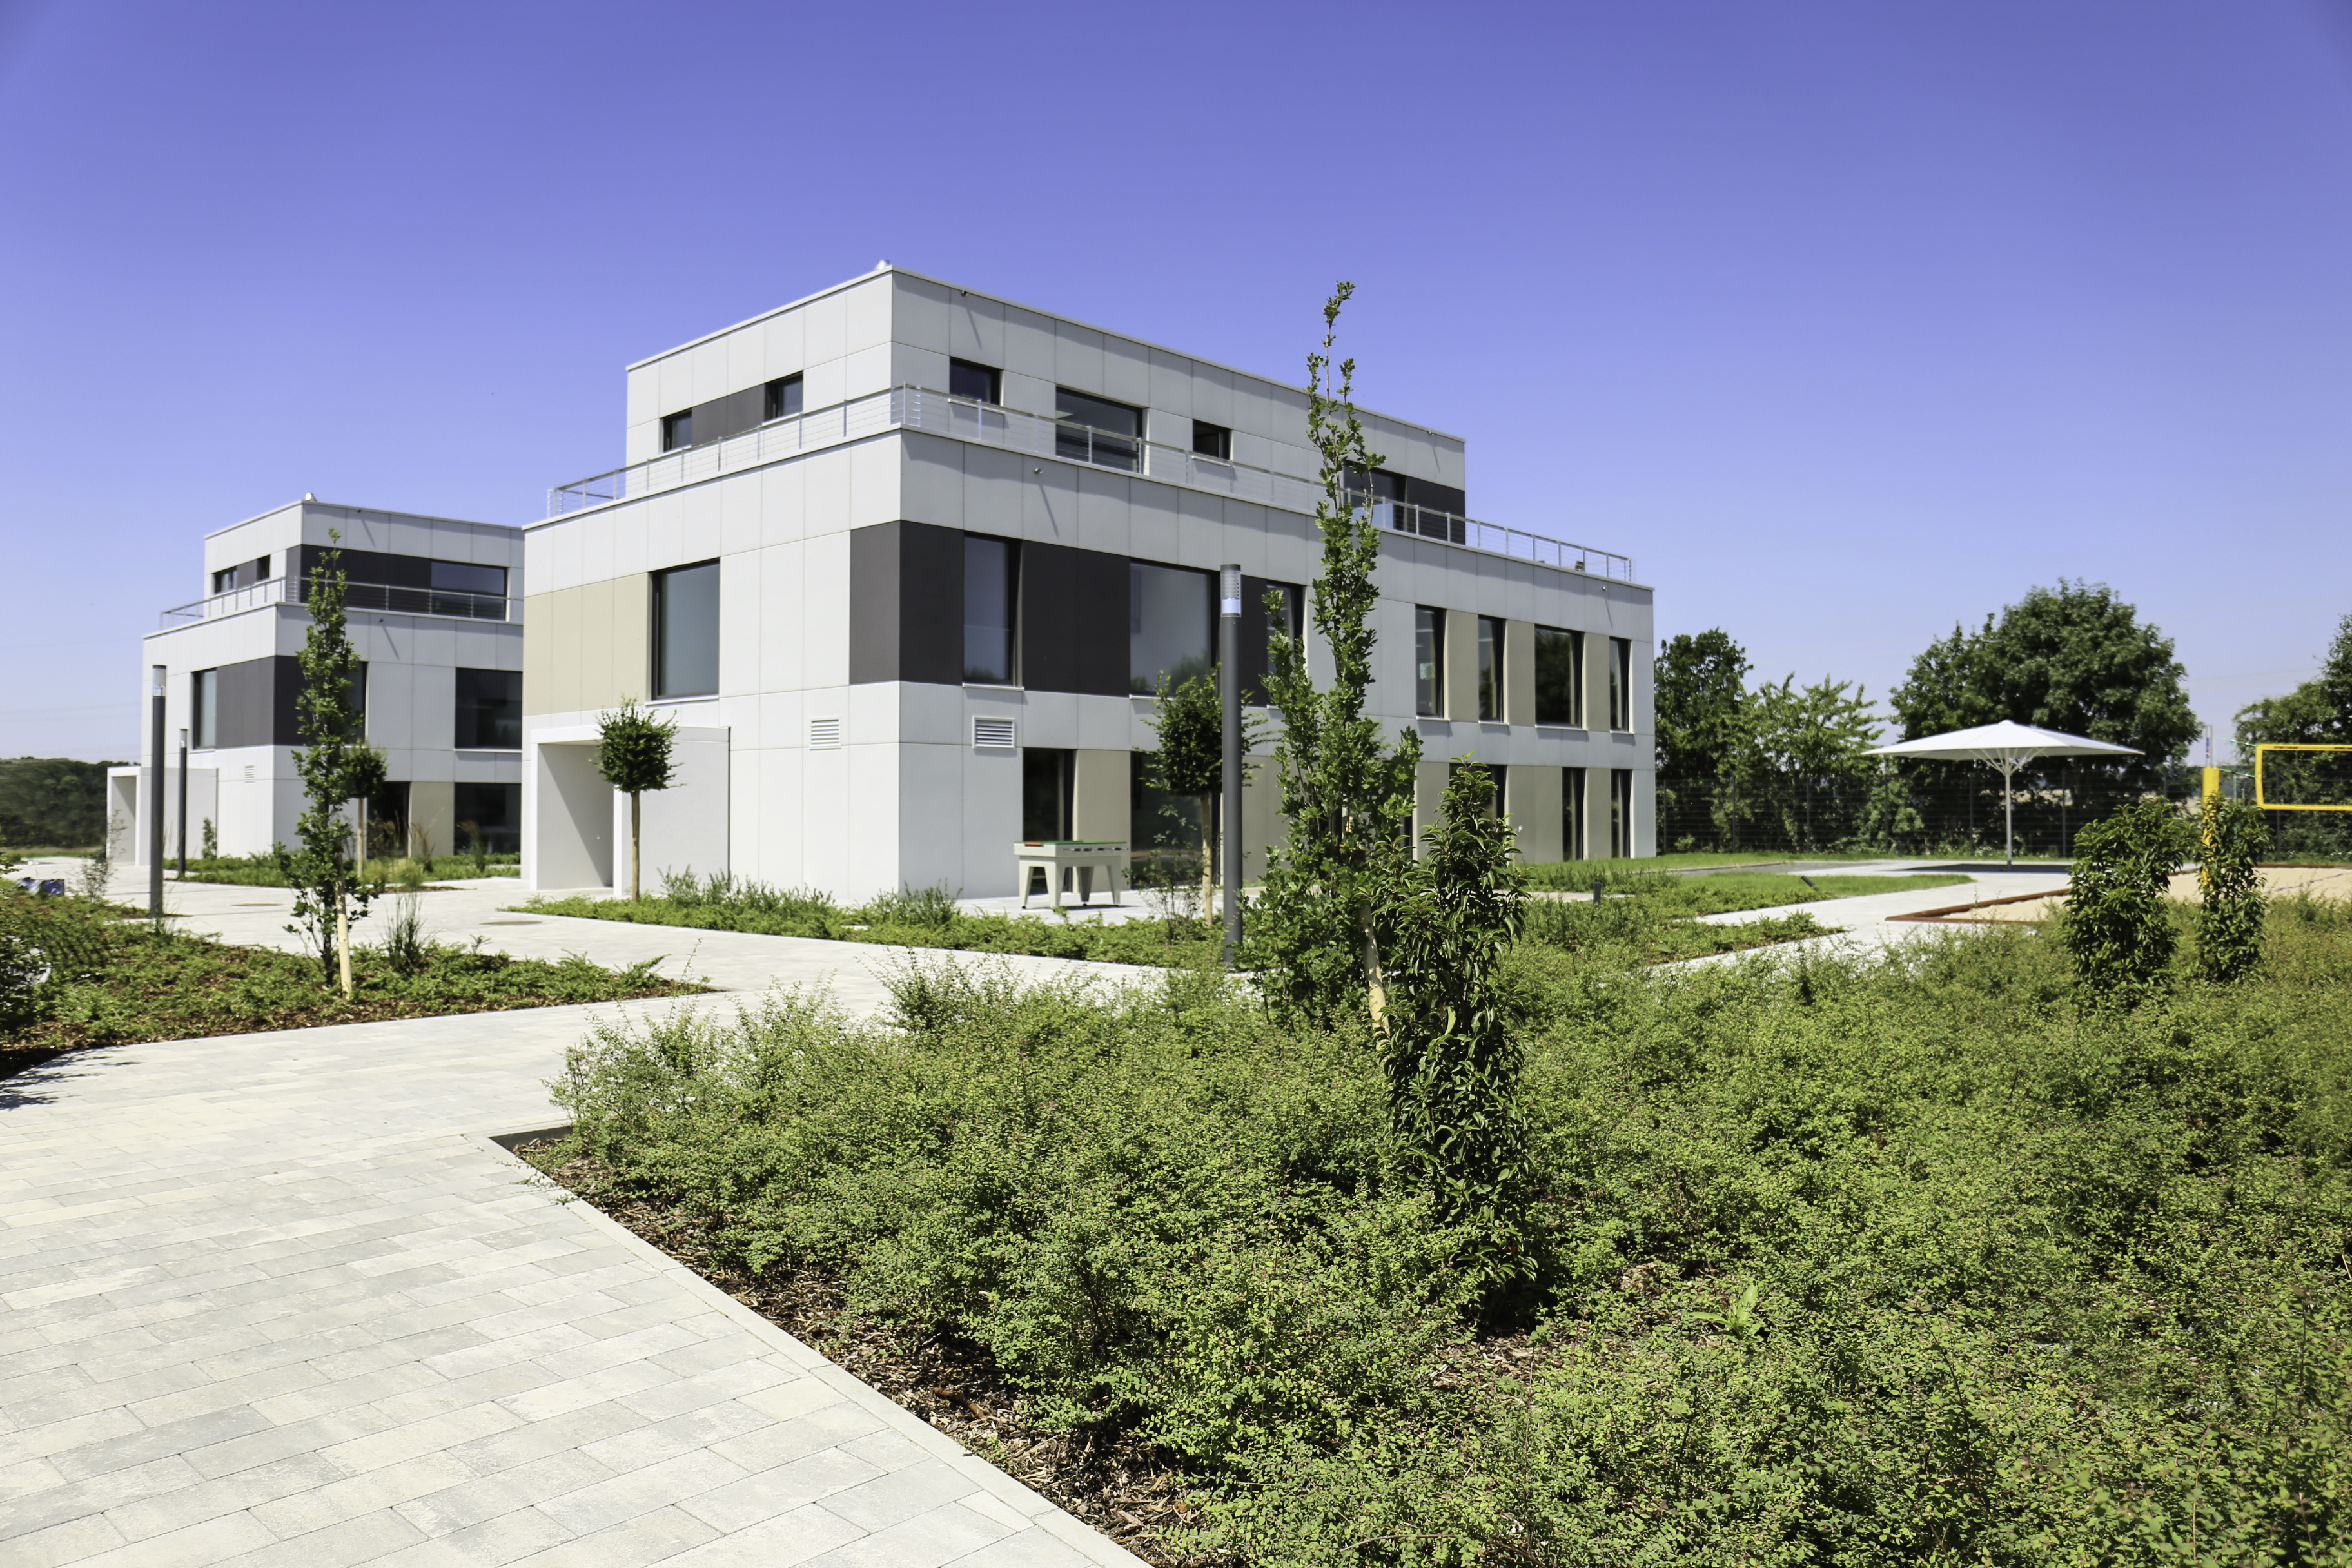 Gebäudekomplex InnoSenT GmbH in Donnersdorf